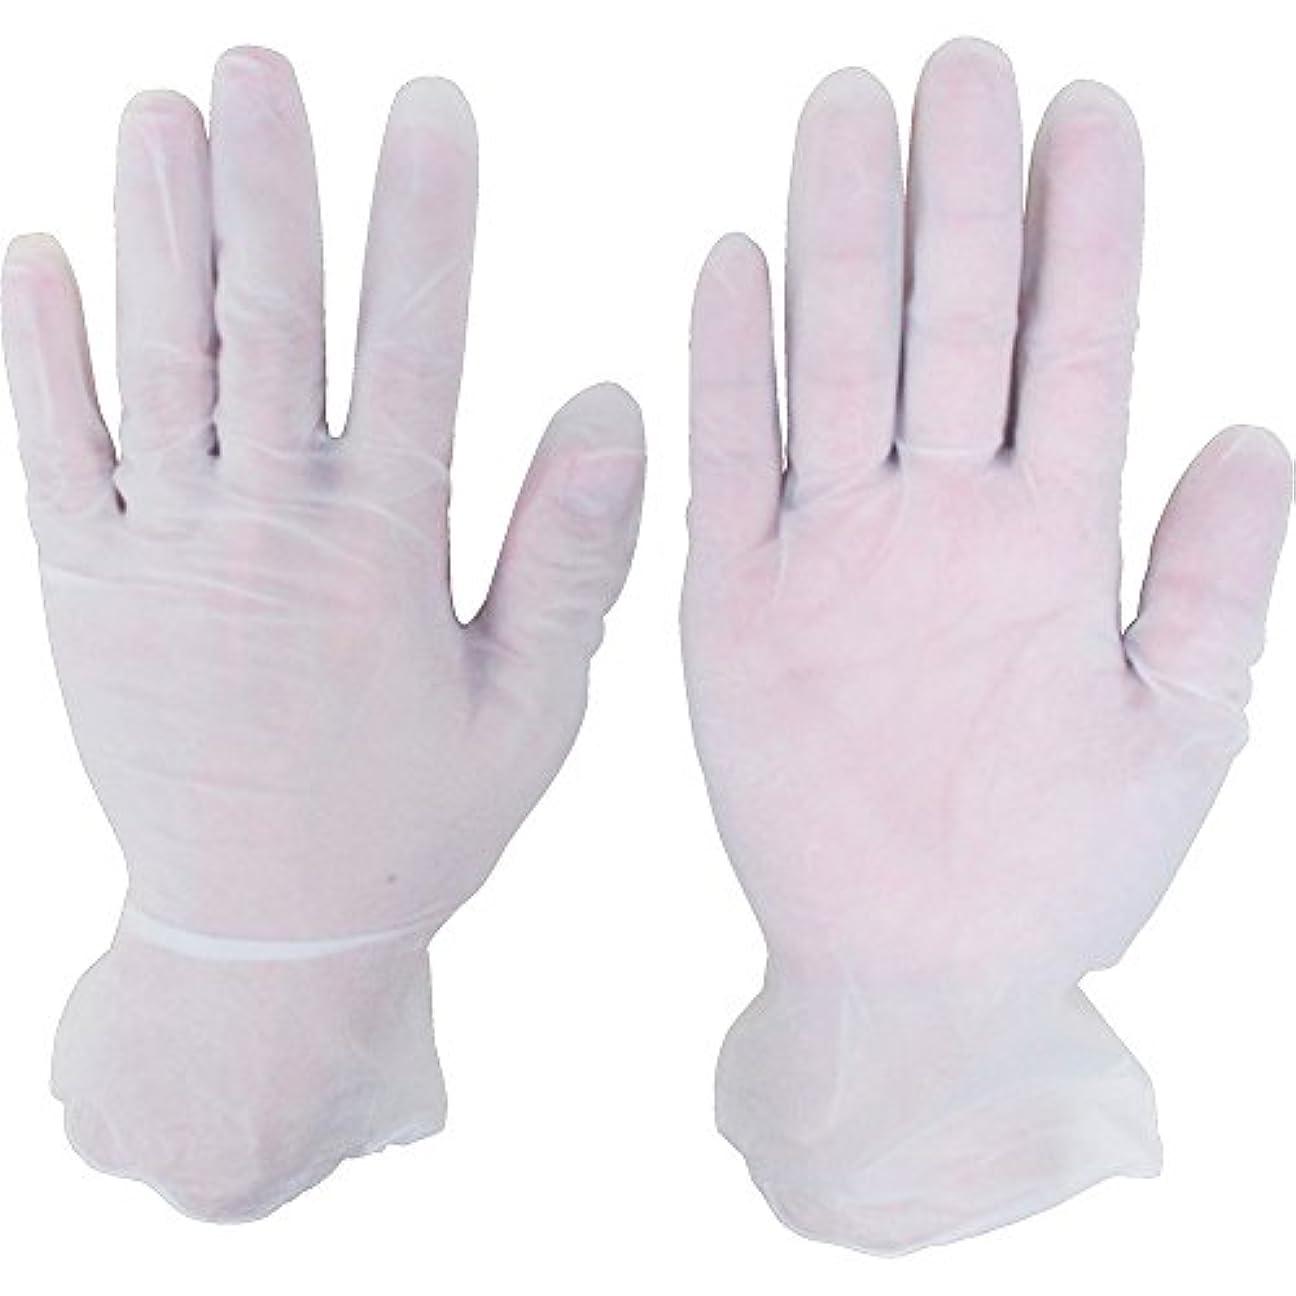 楽観損傷乱用シンガー プラスチックグローブNo8100PF Sサイズ (100枚入) D201-S ビニール使い捨て手袋